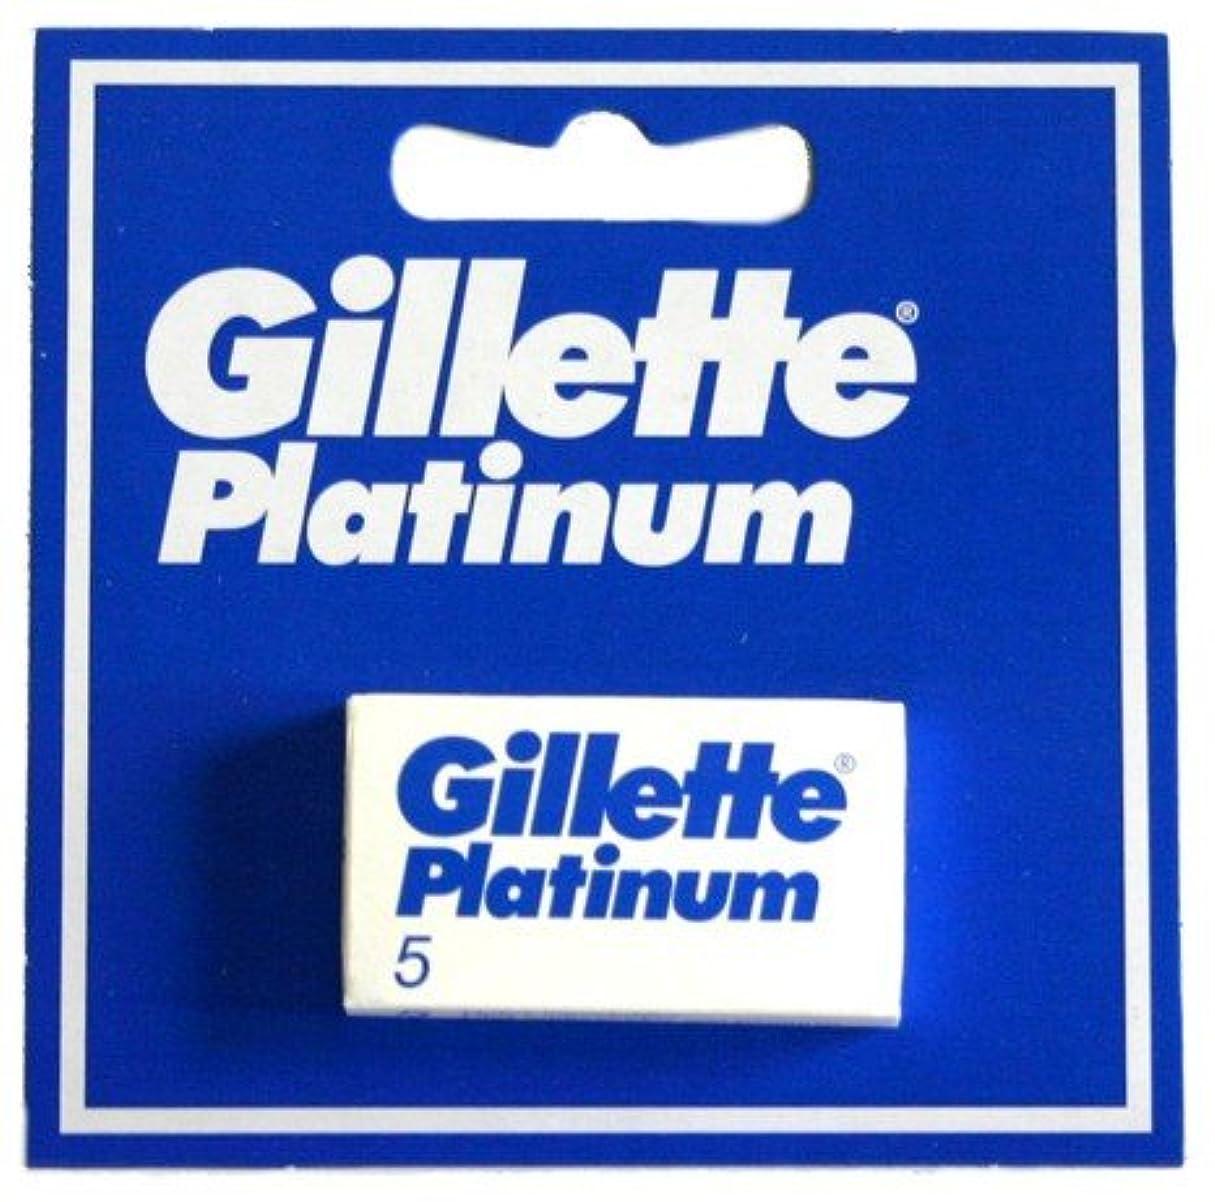 救出ネズミ典型的なGillette Platinum [プレミアムホワイトボックス版!] ジレット プラチナ 両刃替刃 50個入り (5*10) [海外直送品] [並行輸入品]